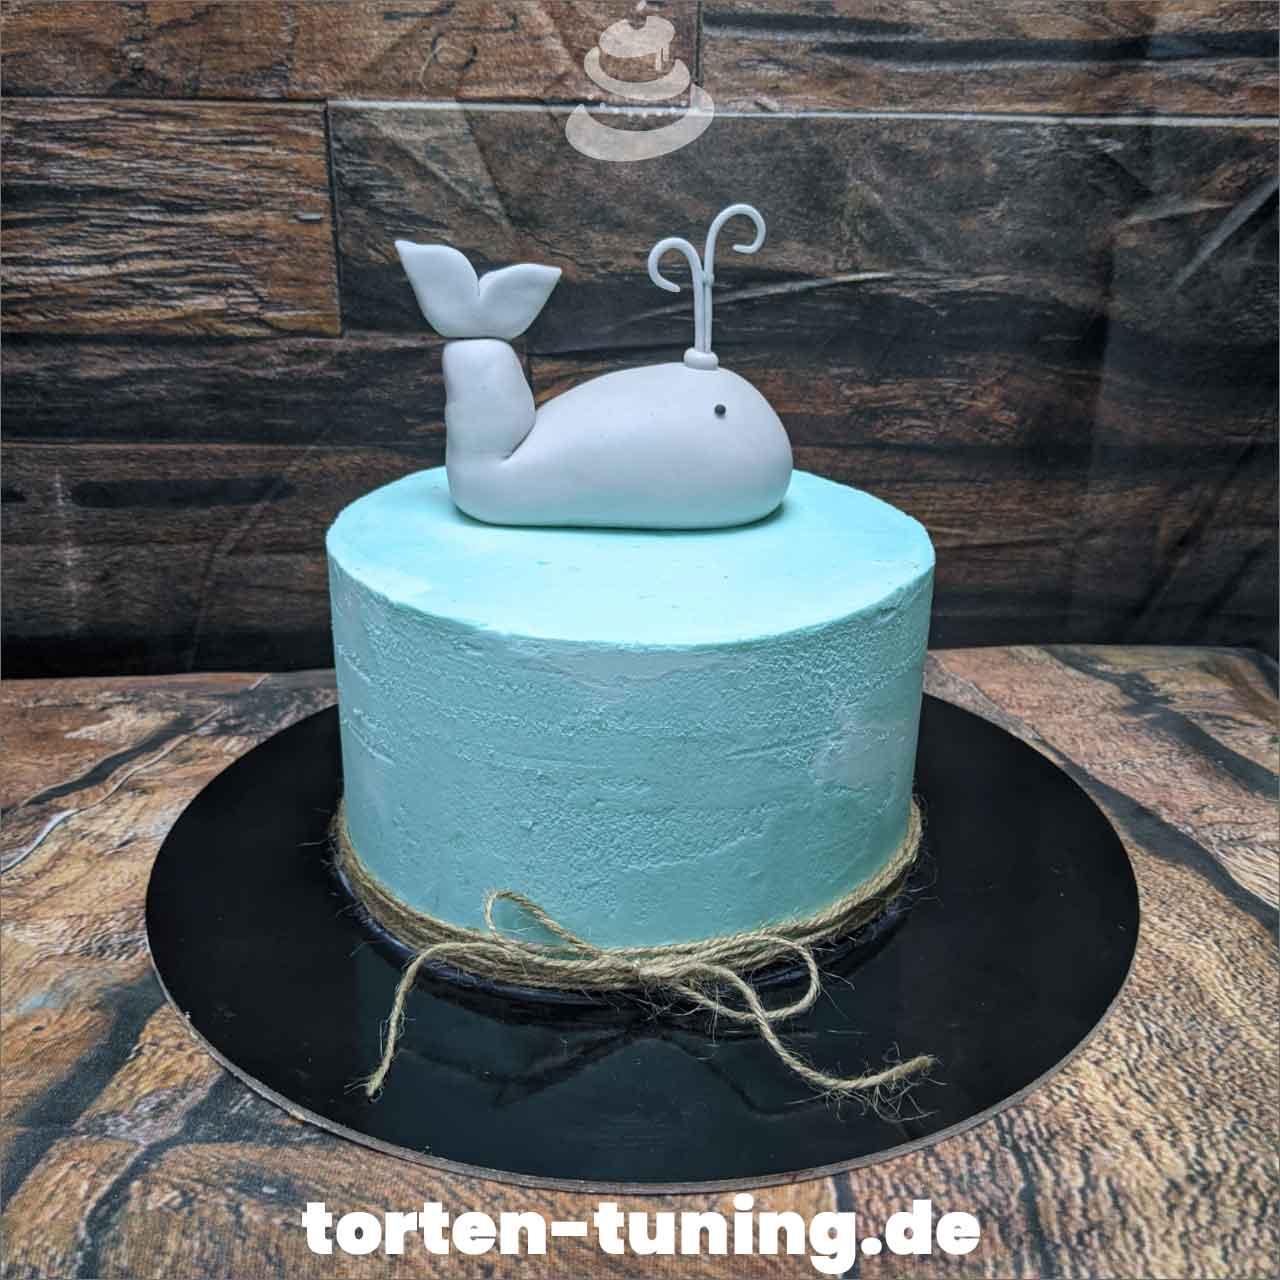 kleiner Wal Dripcake Obsttorte Geburtstagstorte Motivtorte Torte Tortendekoration Torte online bestellen Suhl Thüringen Torten Tuning Sahnetorte Tortenfiguren Cake Topper